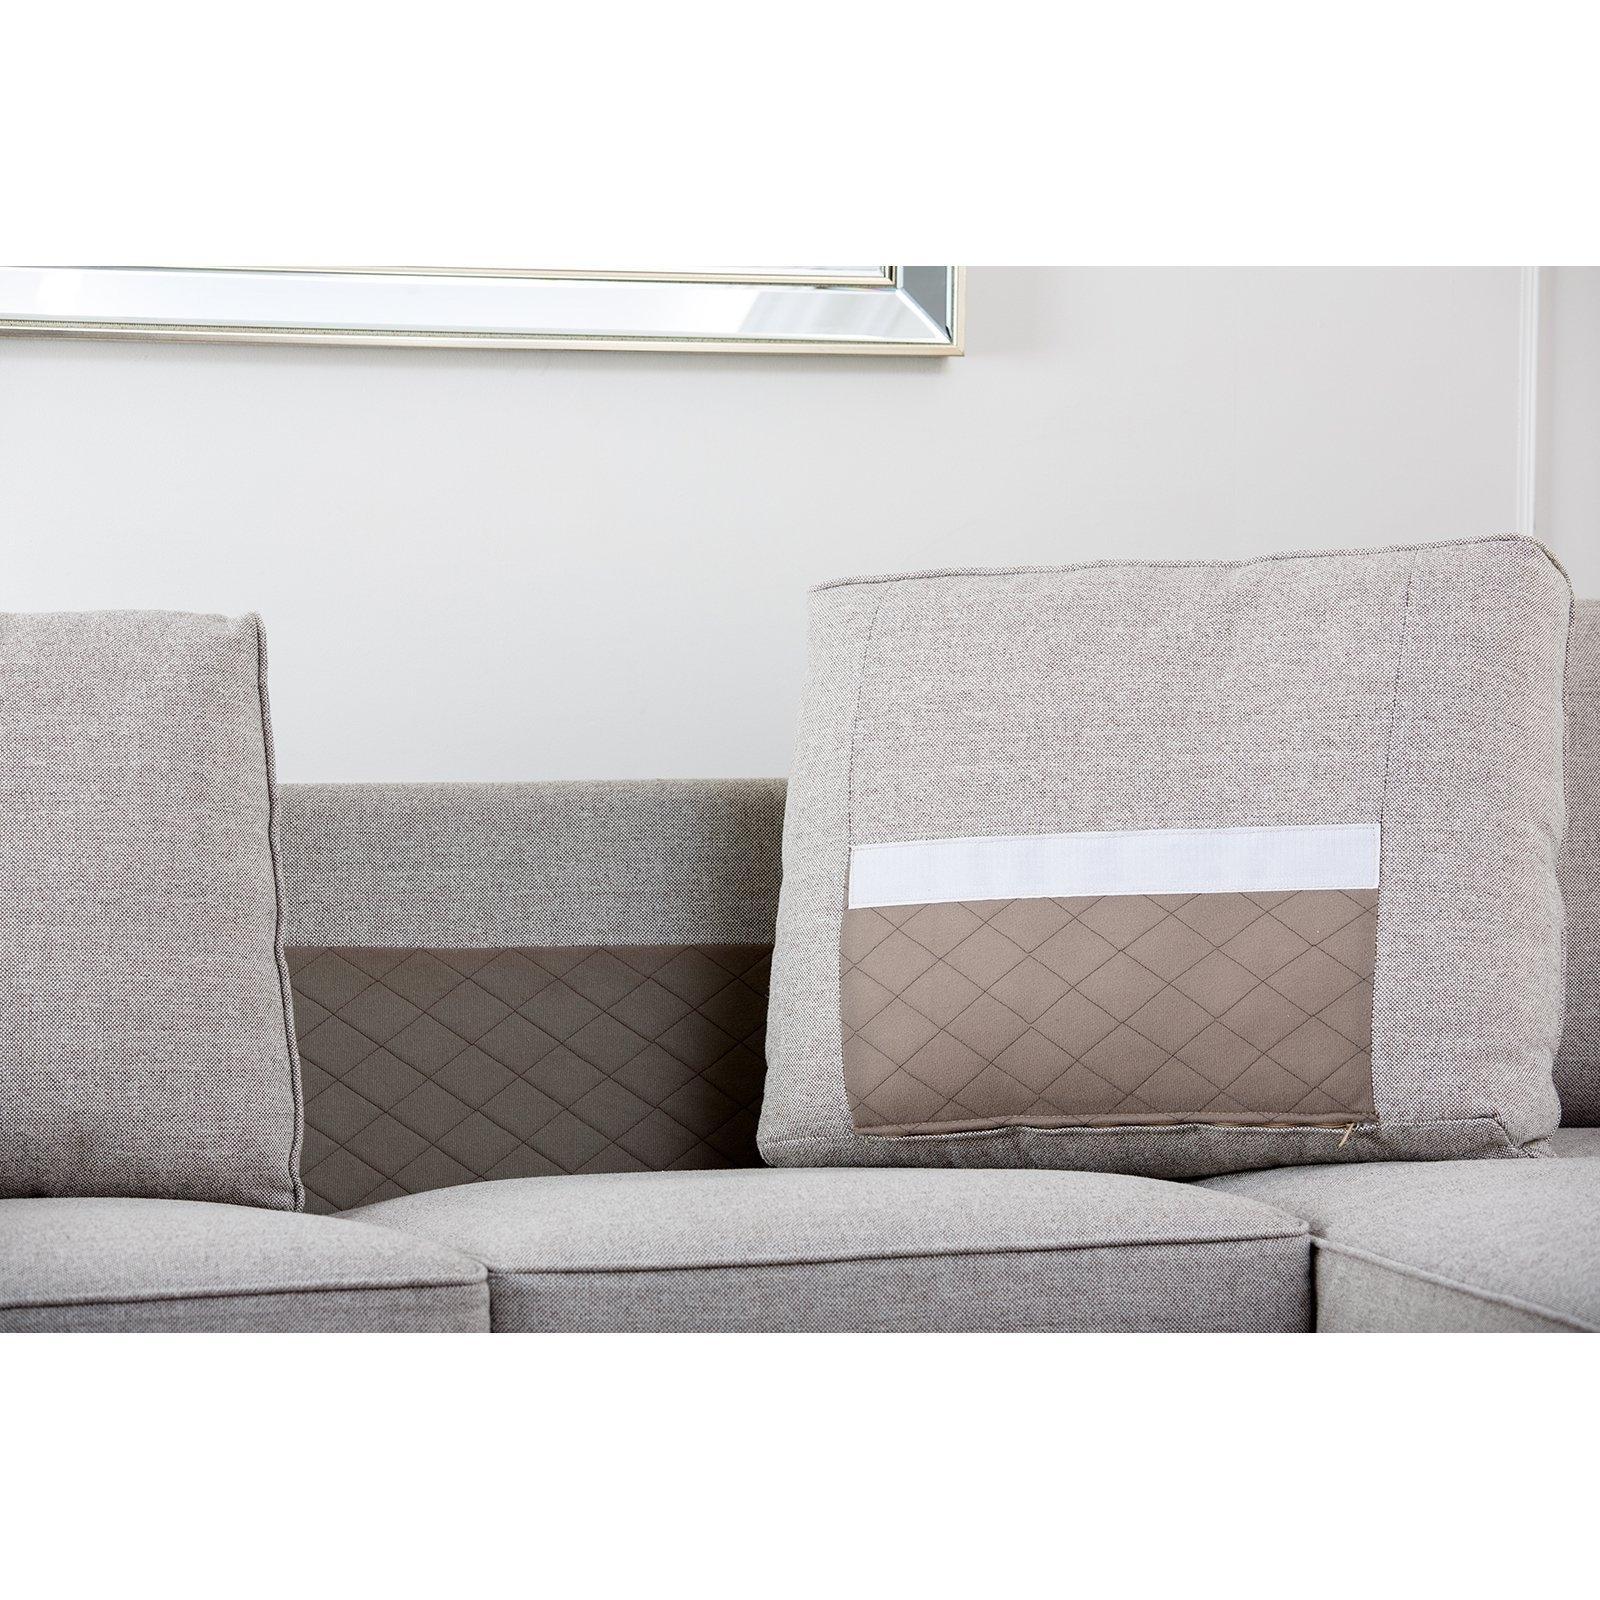 Abbyson Regina Sectional Sofa – Gray | Hayneedle Pertaining To Regina Sectional Sofas (Image 4 of 10)